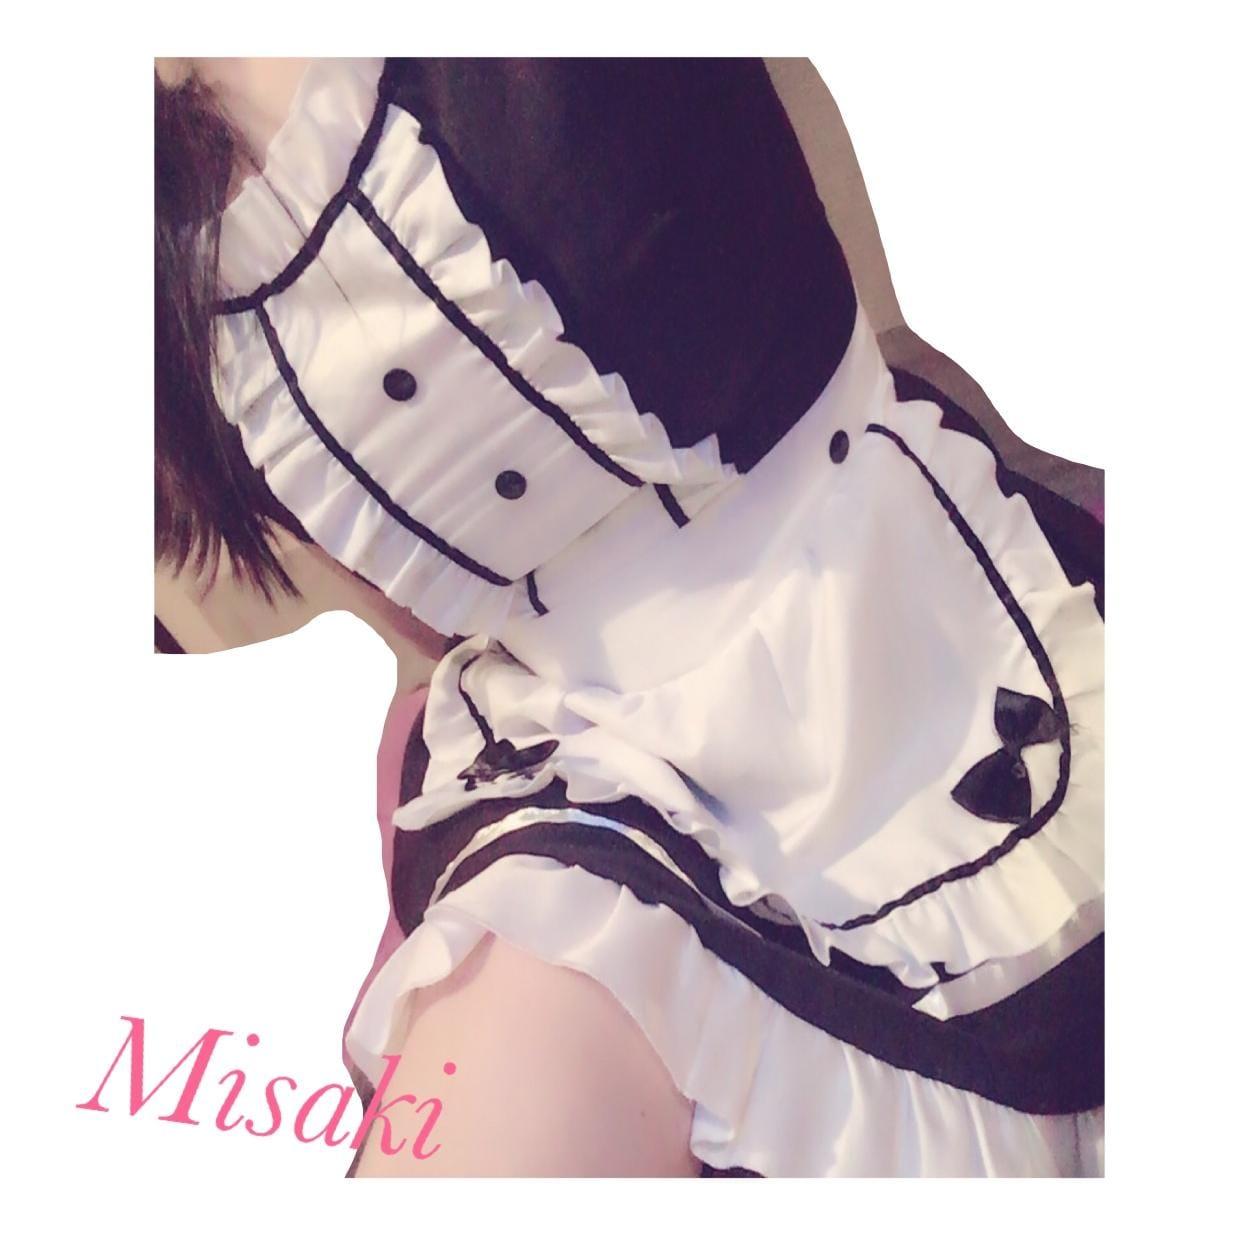 「こんにちは(* ॑꒳ ॑* )⋆*」10/31(10/31) 15:13 | みさきの写メ・風俗動画